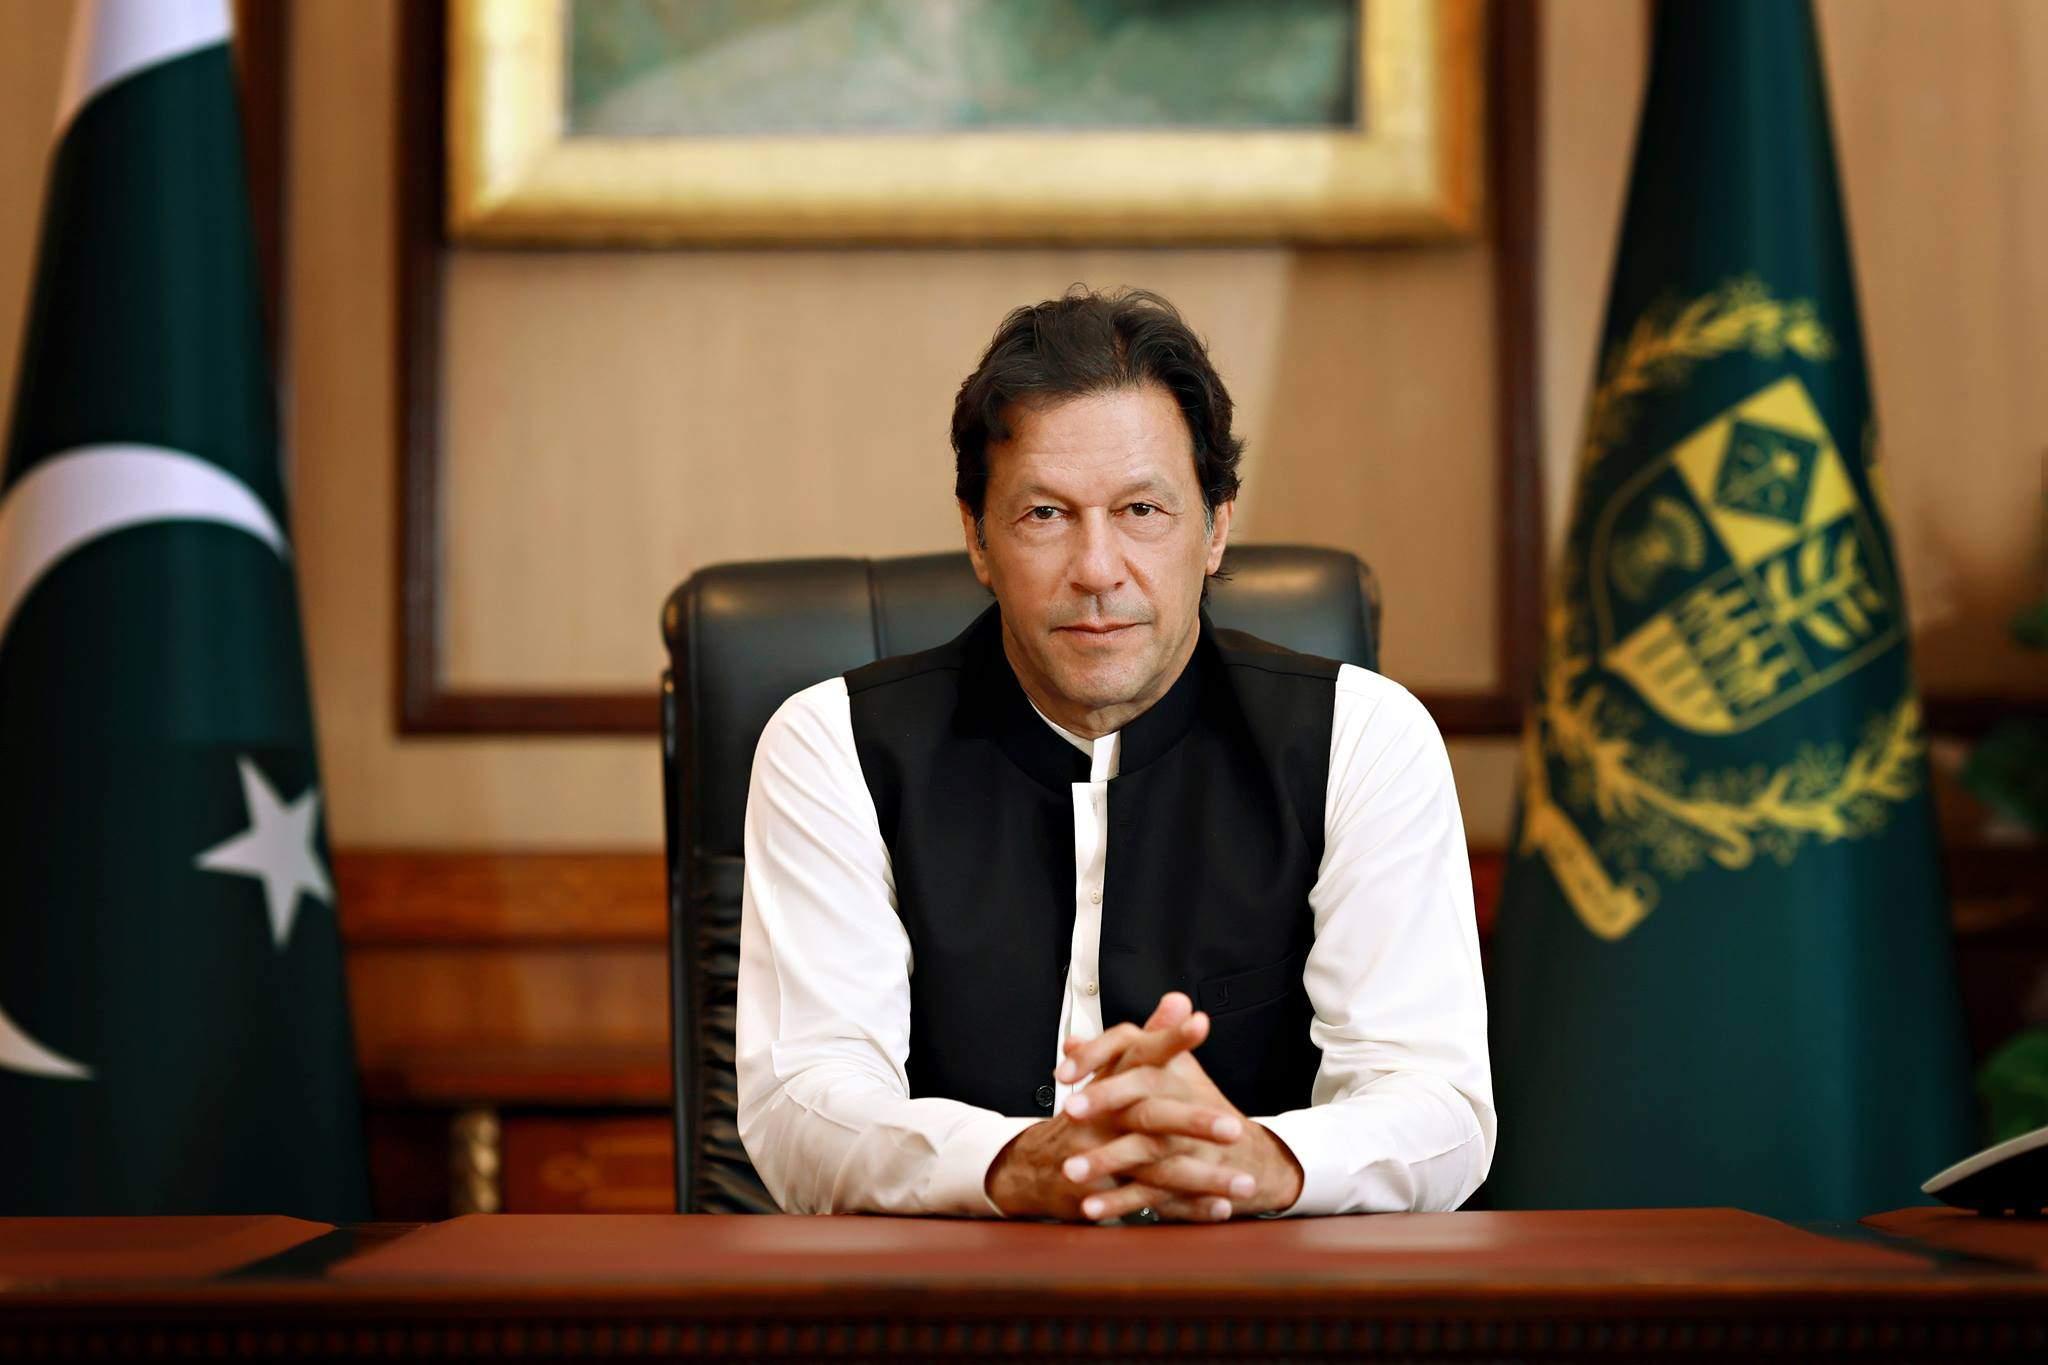 کاپیتان عمران خان» مهمان ایران/ نخستوزیر جدید پاکستان را بیشتر بشناسید + عکس و فیلم - مشرق نیوز